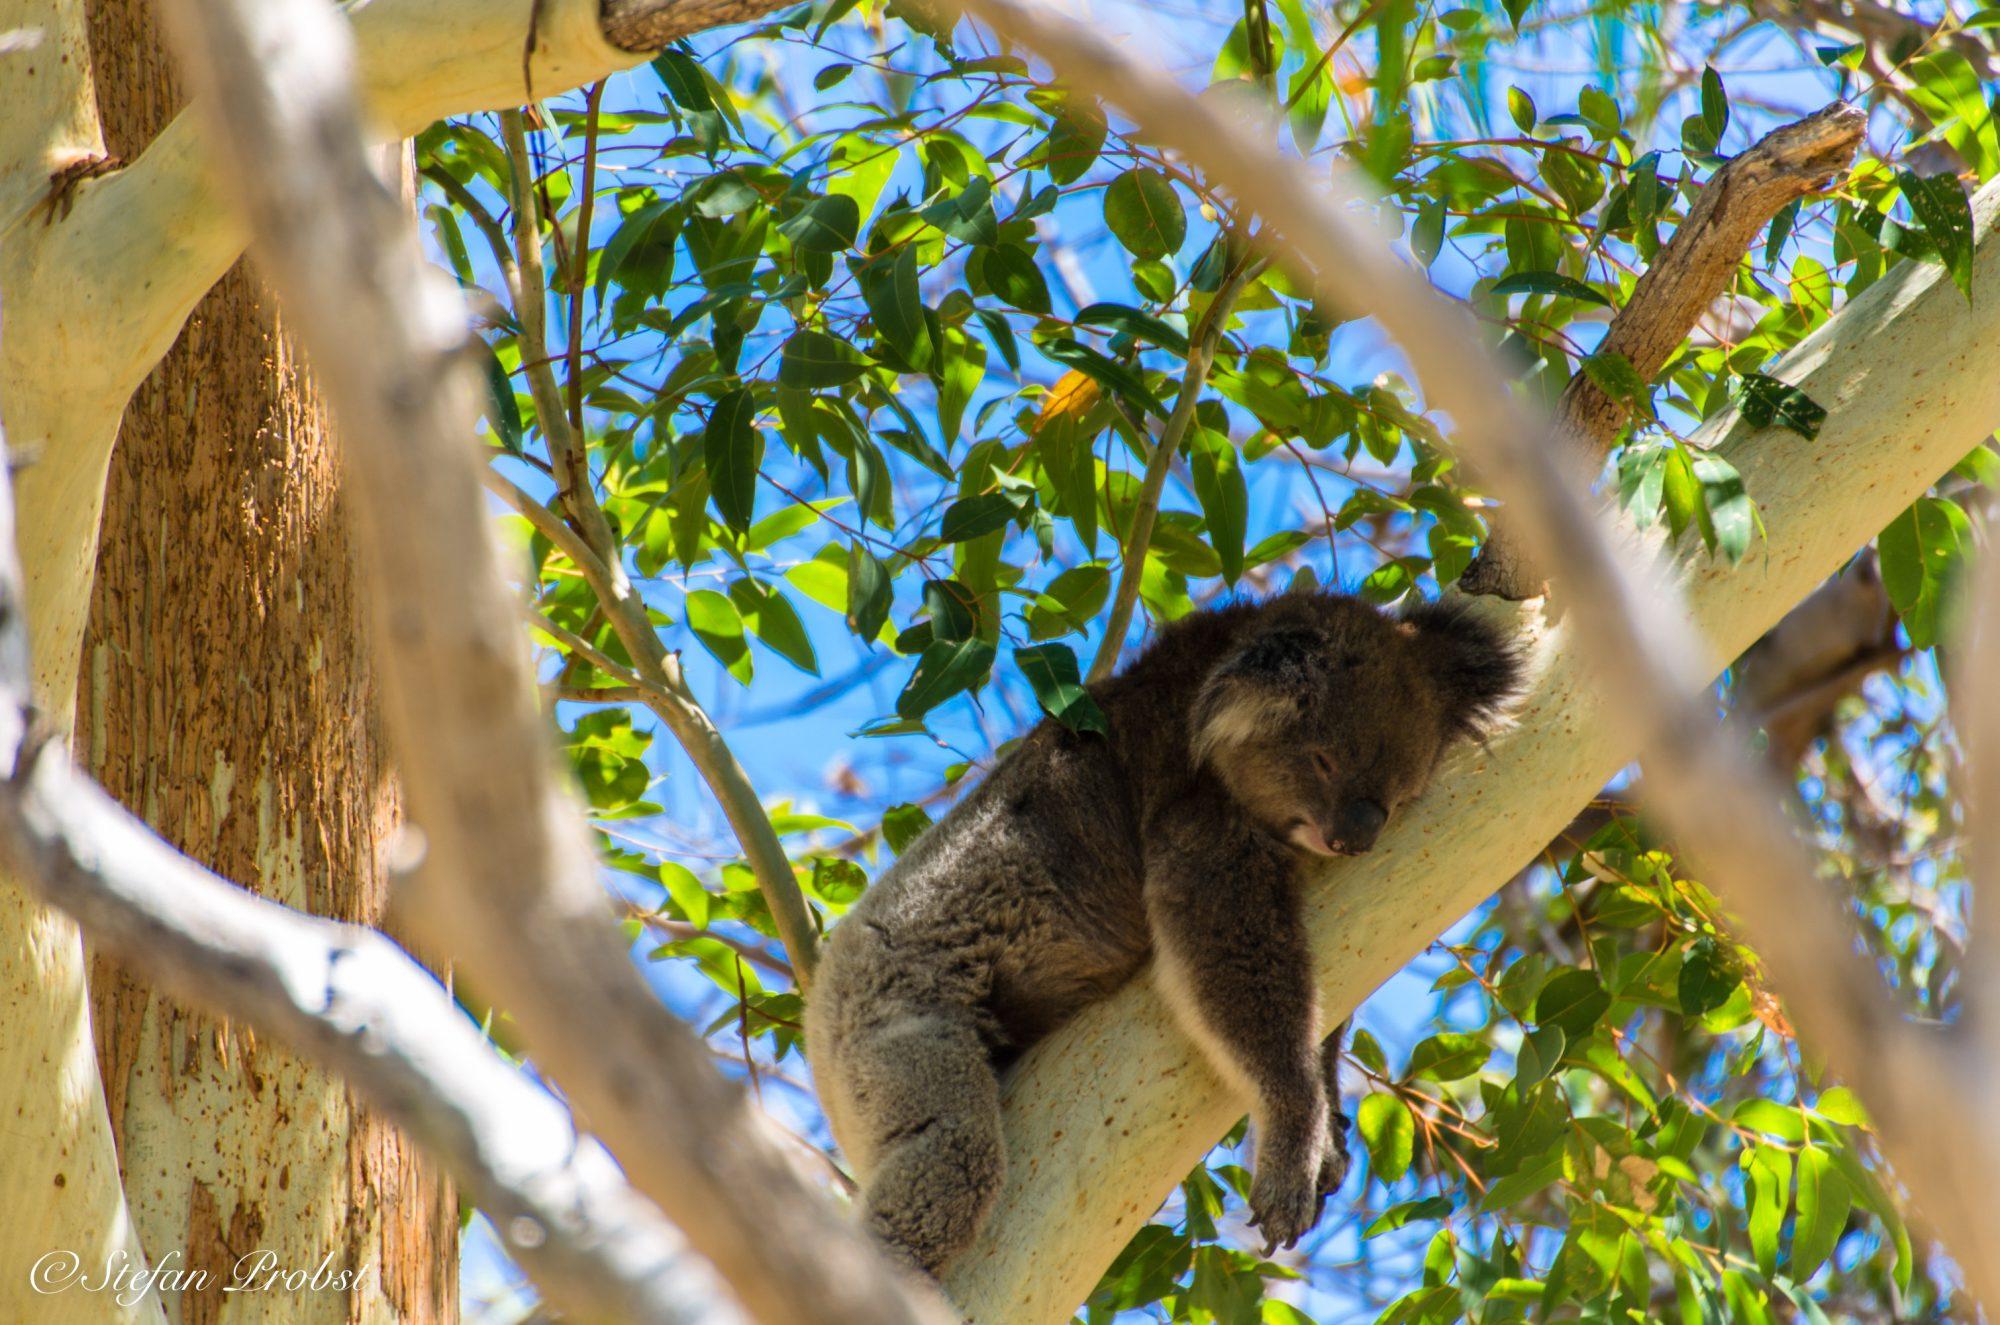 Schlafender Koalabär in einem Eukalyptusbaum